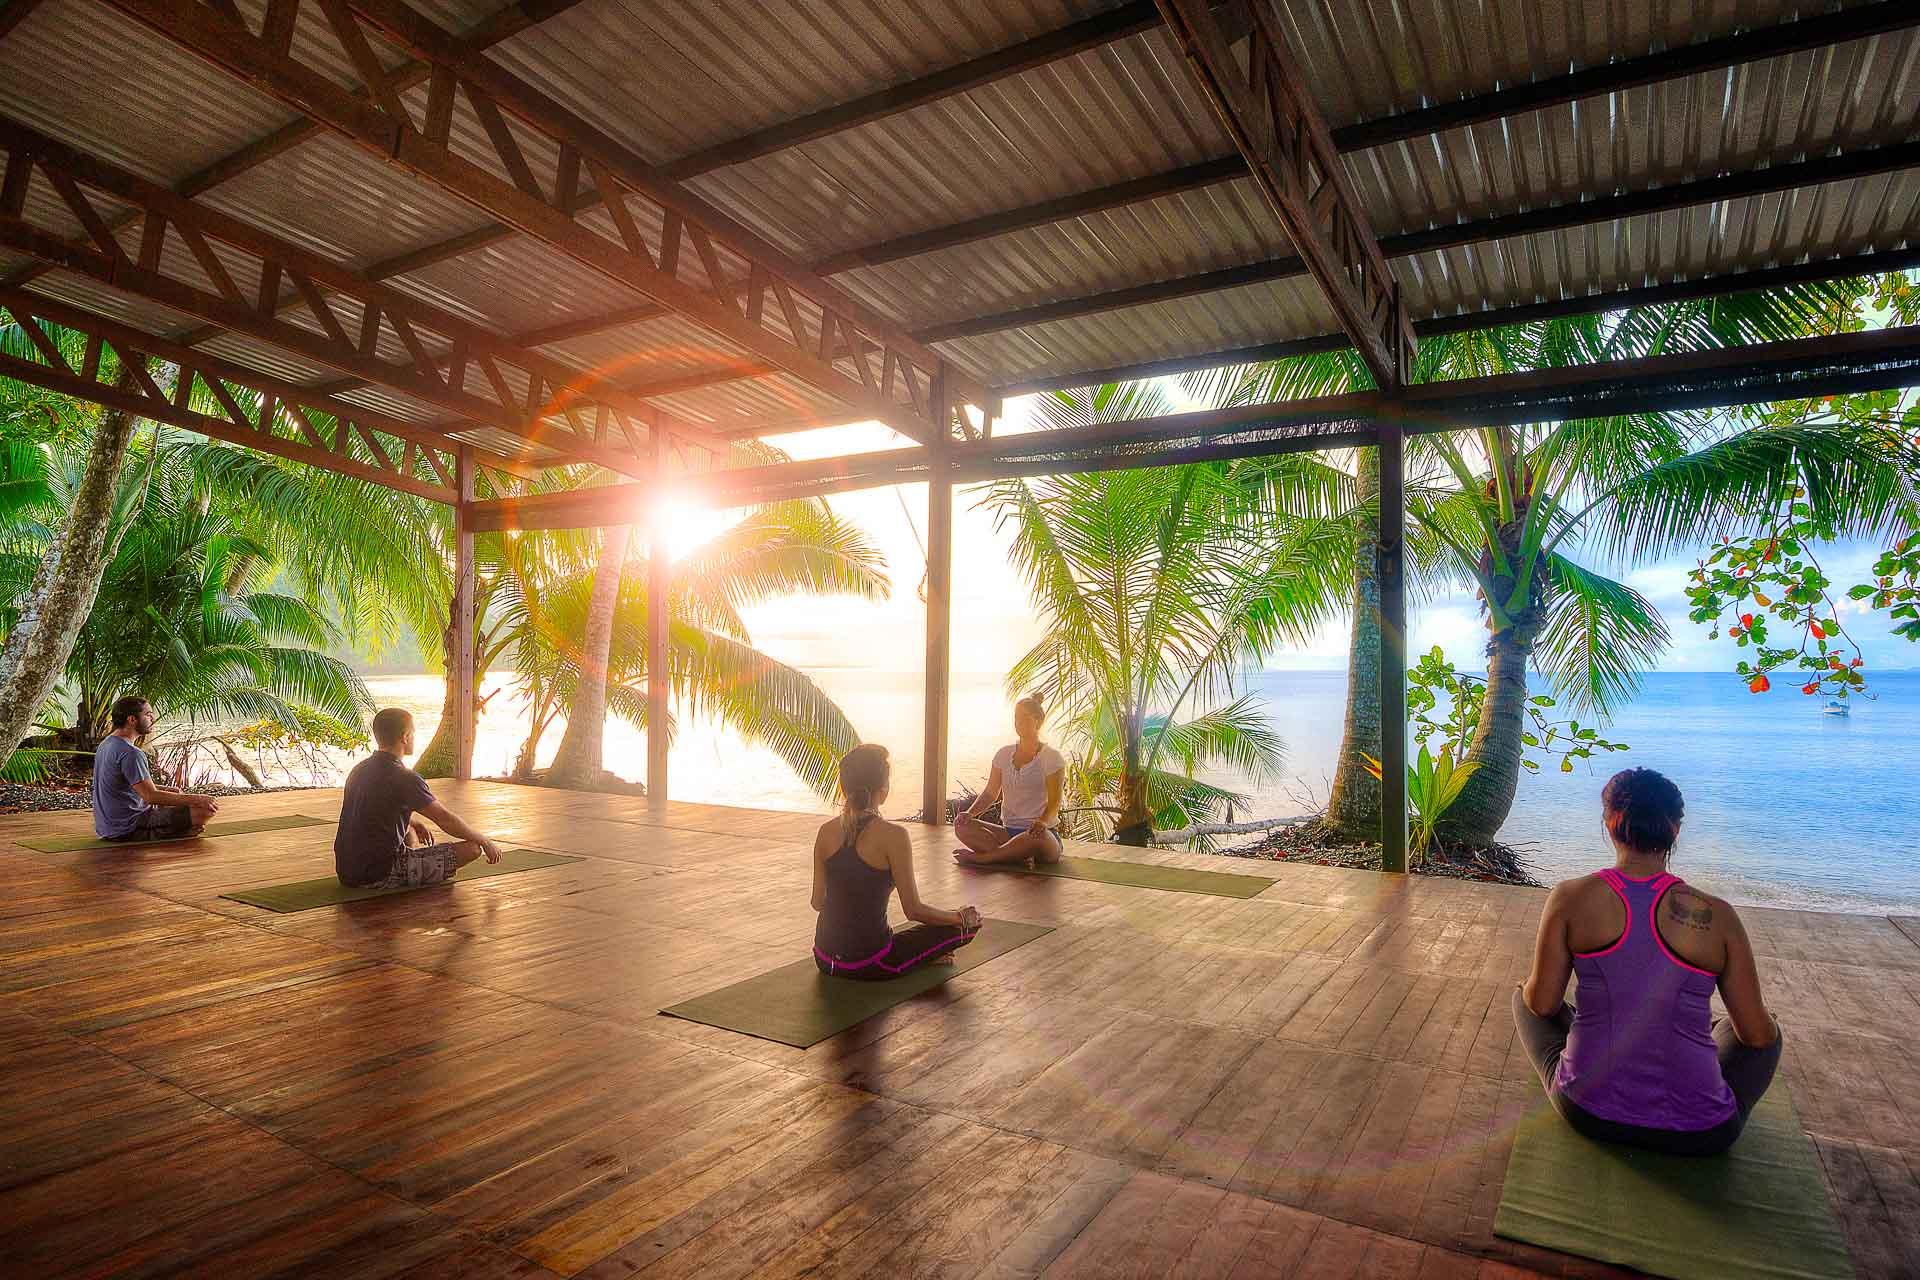 Le Costa Rica, destination où la nature est reine, est aussi le pays qui a inventé le concept de Pura Vida. Pour celles et ceux qui veulent profiter de leurs vacances pour se ressourcer et trouver la paix intérieure, découvrez quatre façons de vivre le célèbre mantra costaricien.